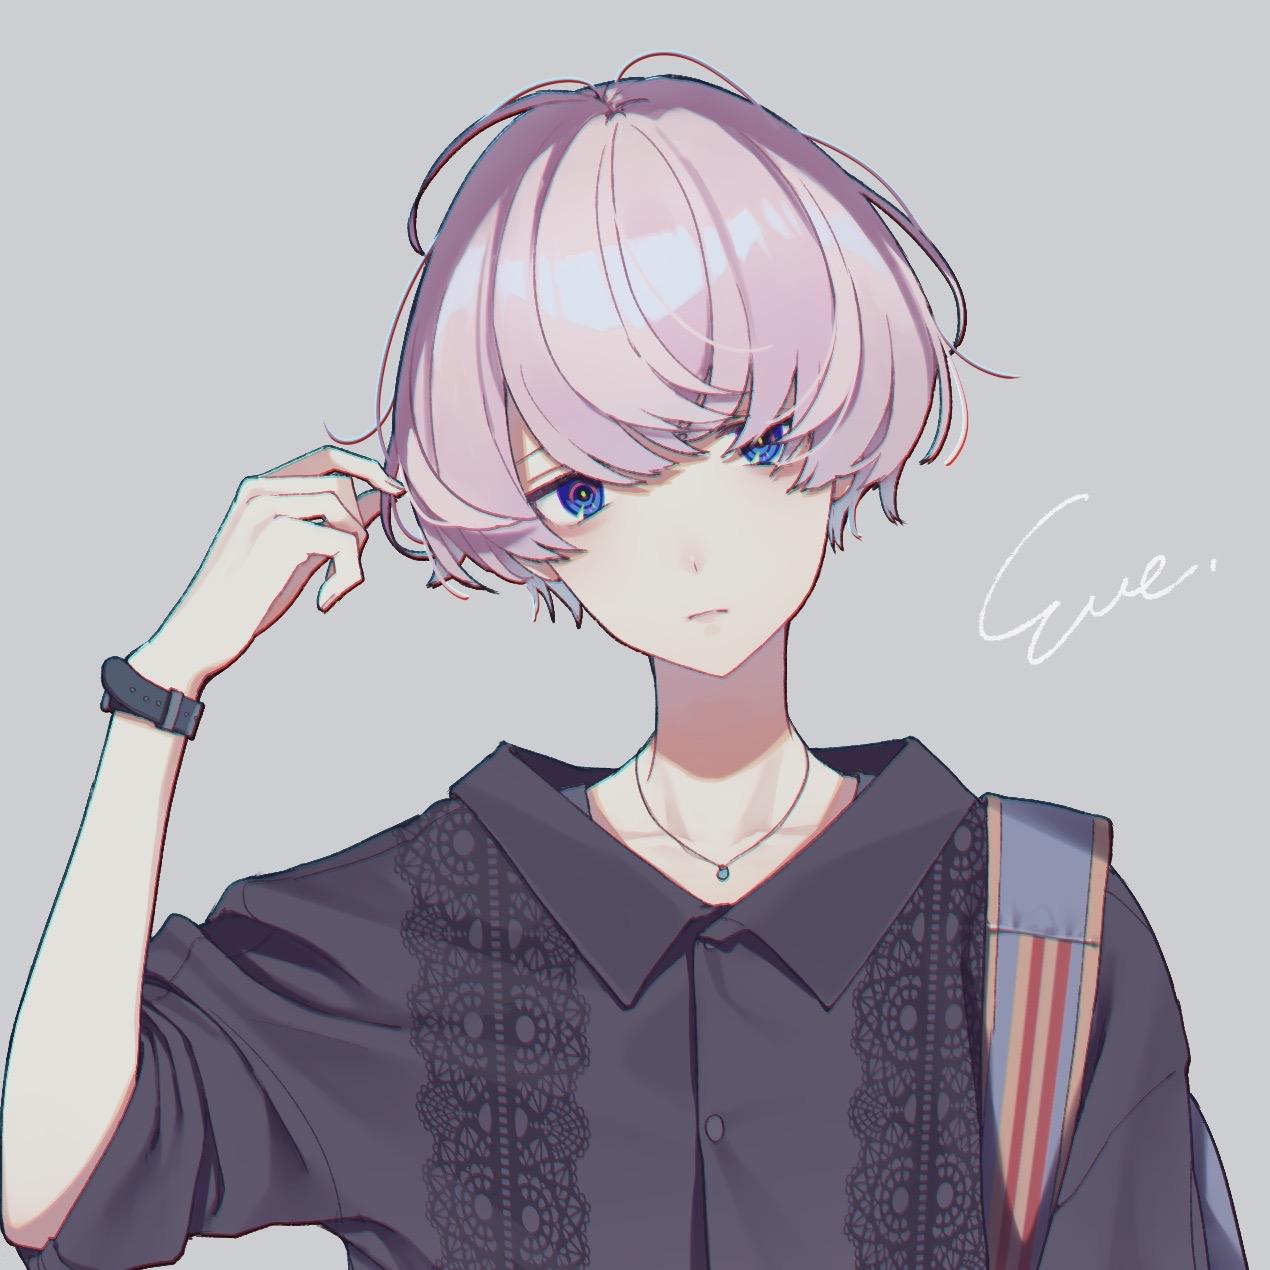 YEVPT